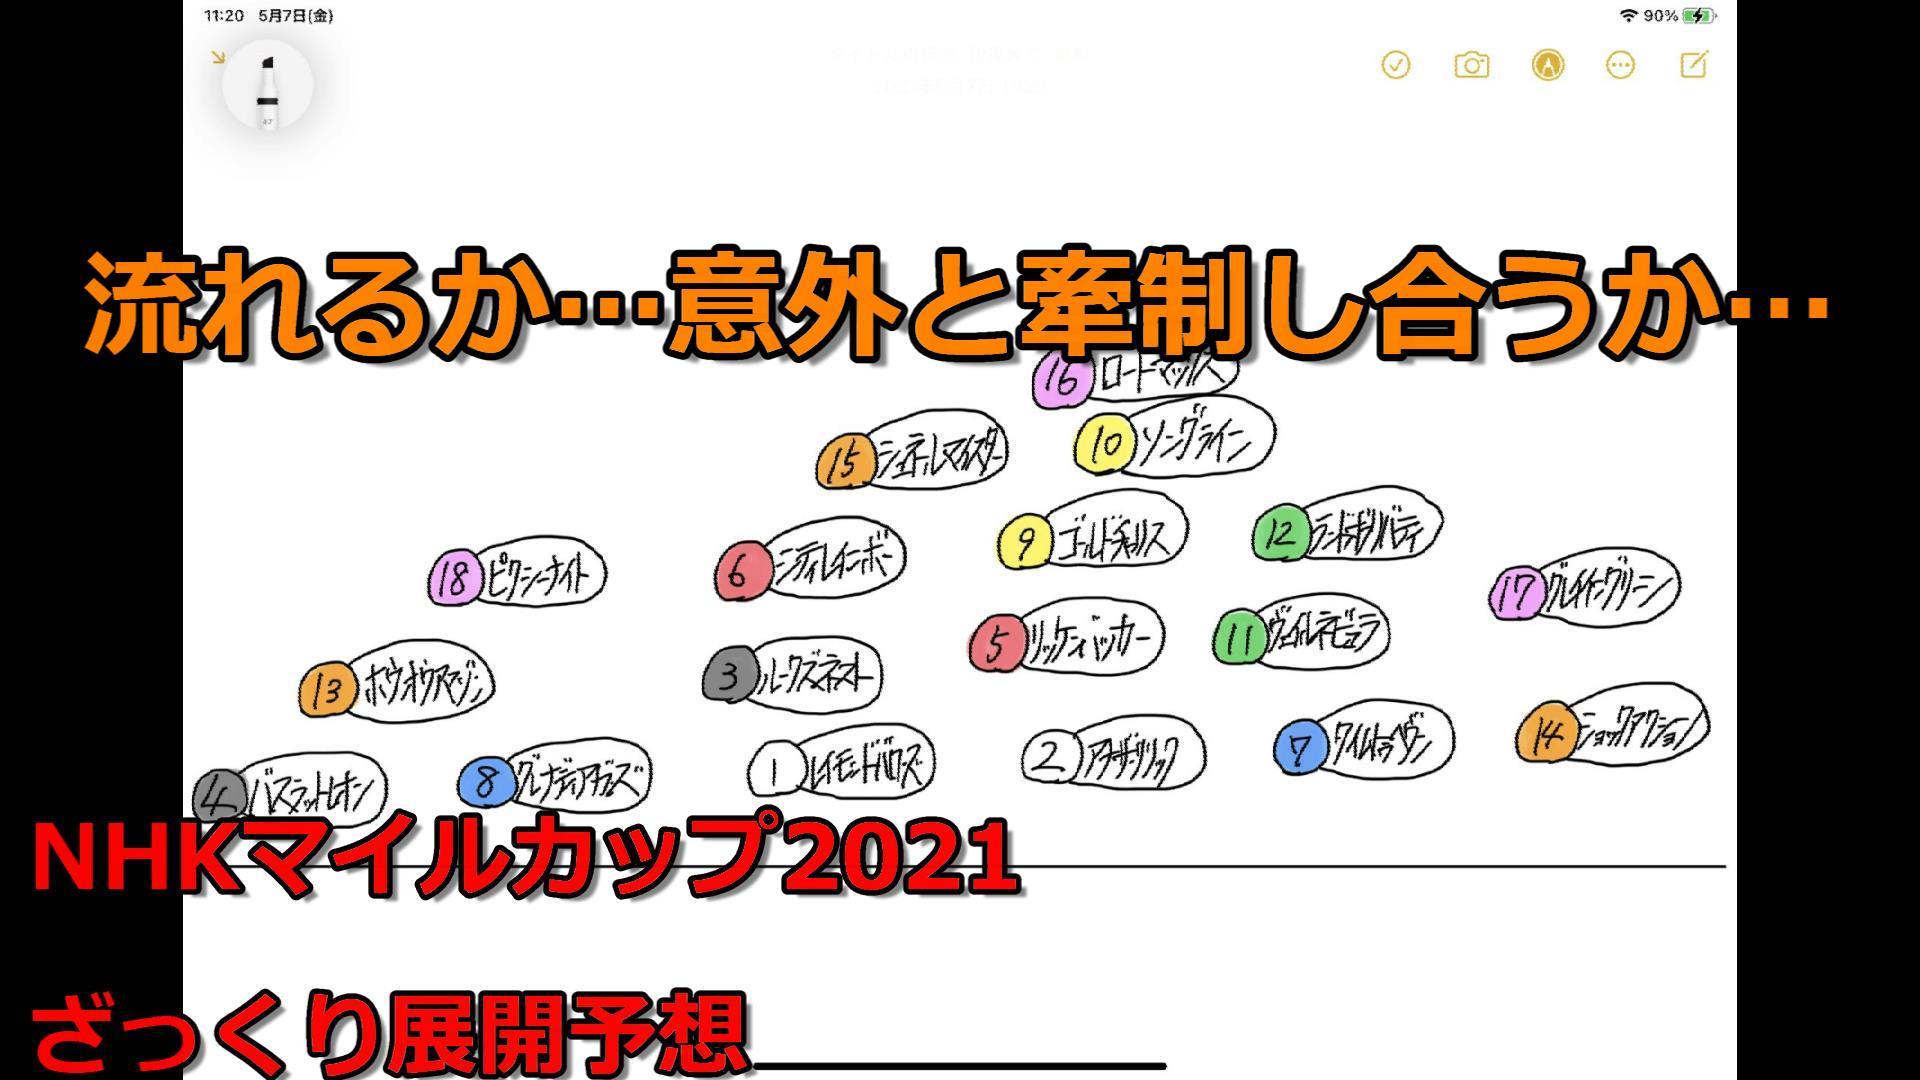 NHKマイルカップ 2021 予想:本命03ルークズネスト